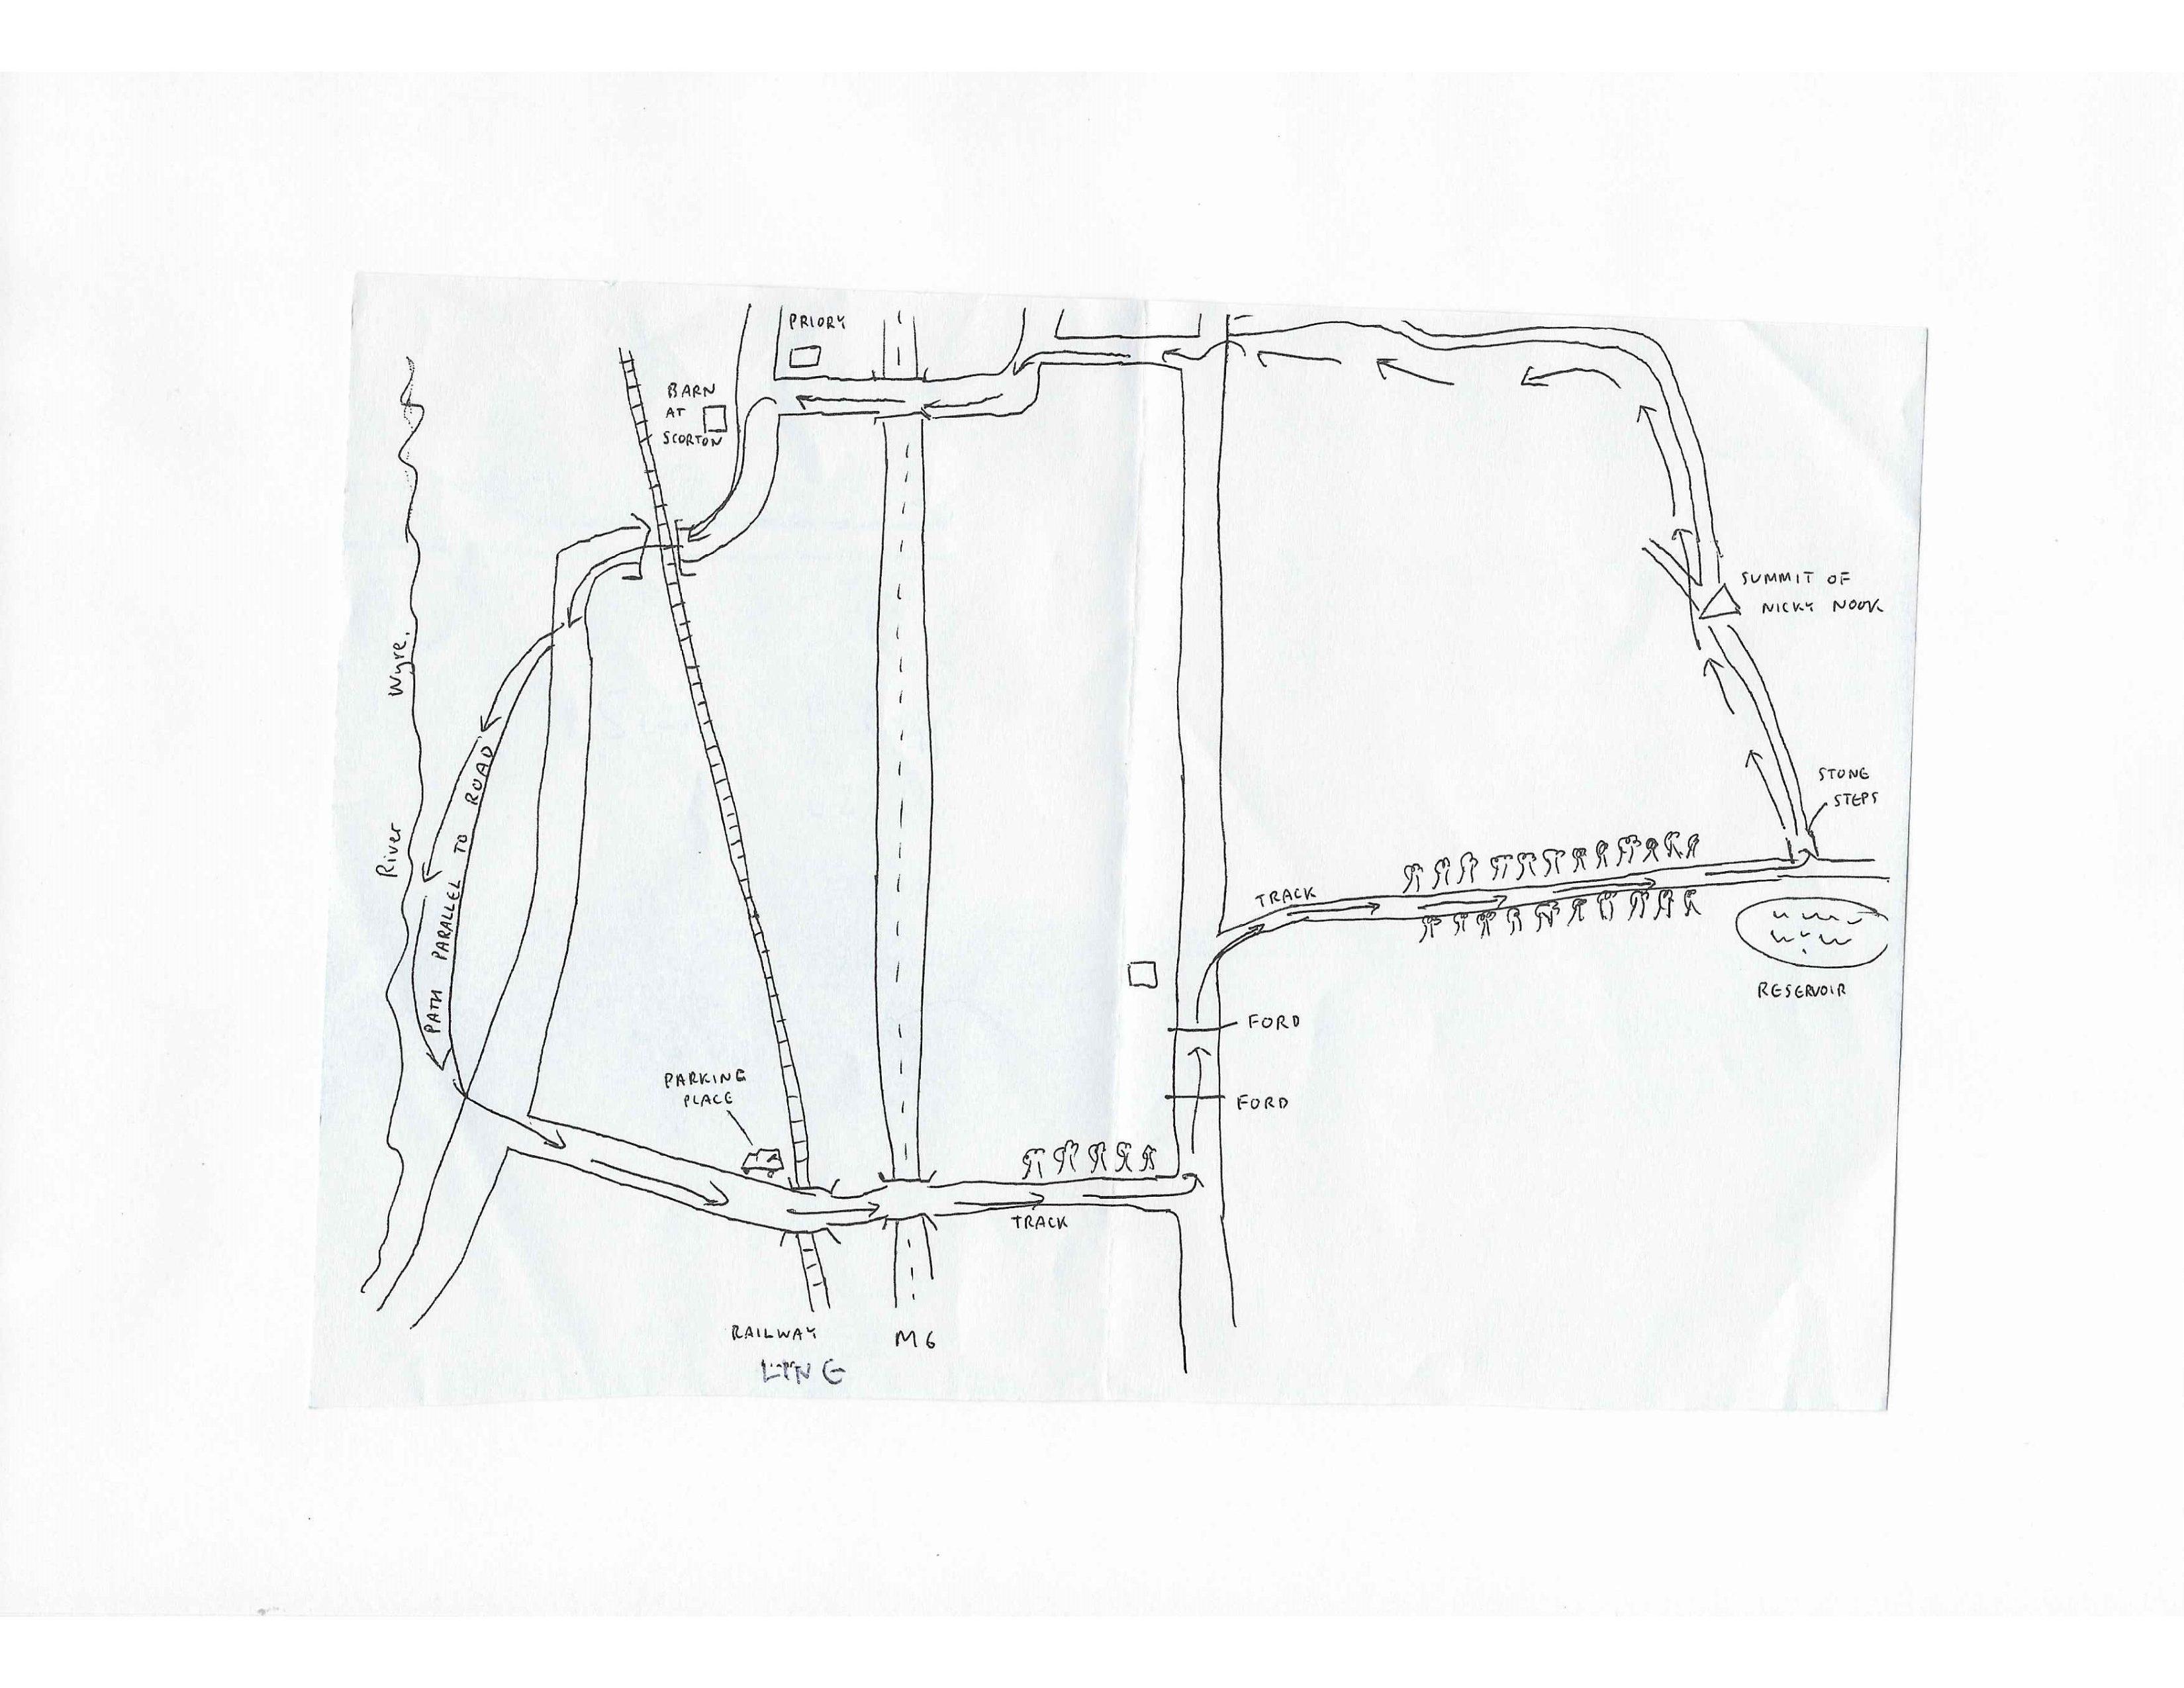 Nicky Nook map